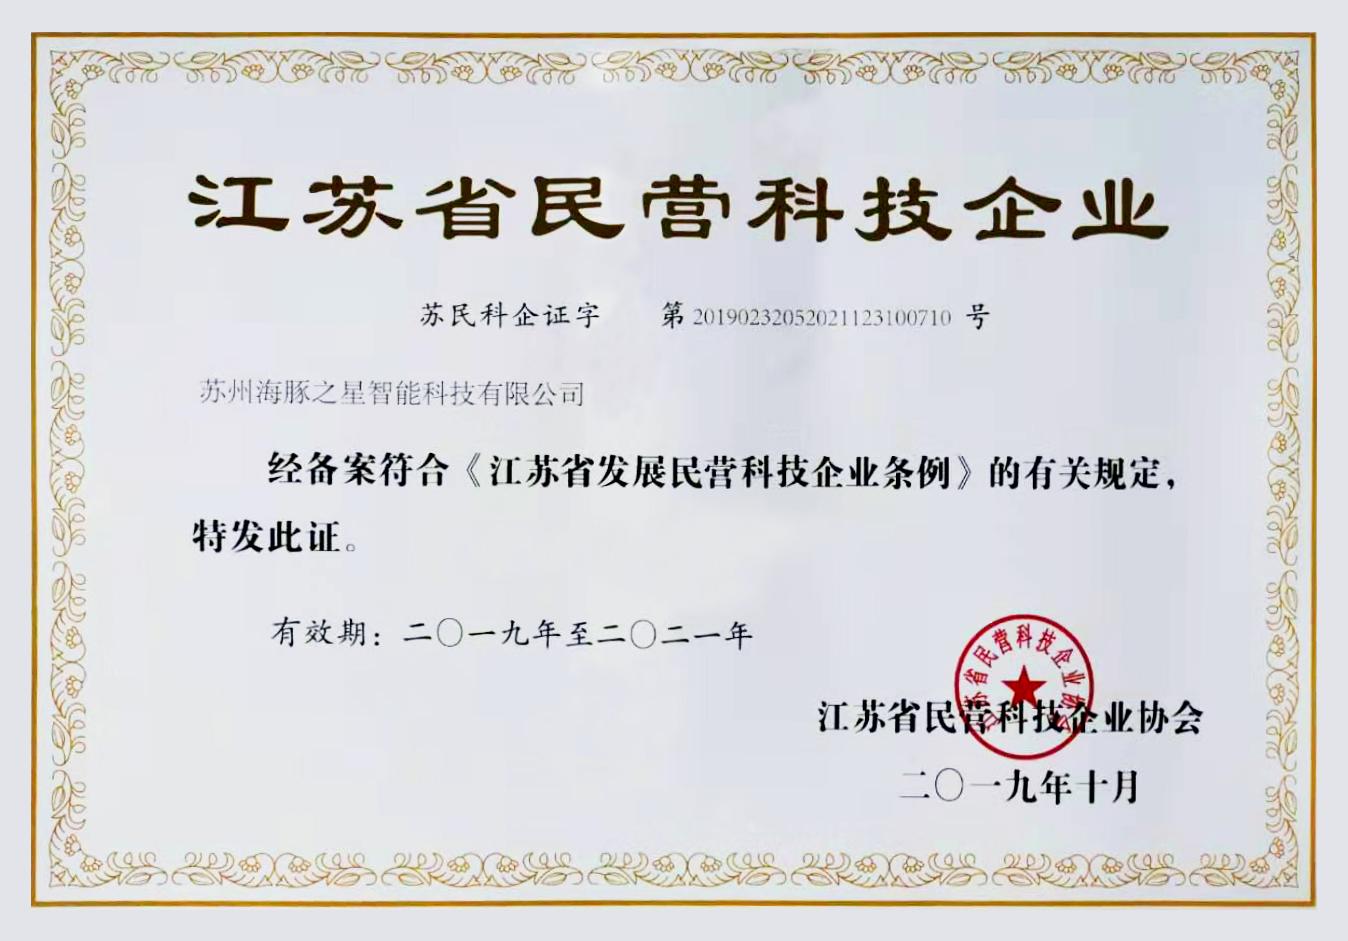 """海豚之星AGV机器人迎来了""""江苏省民营科技企业"""""""